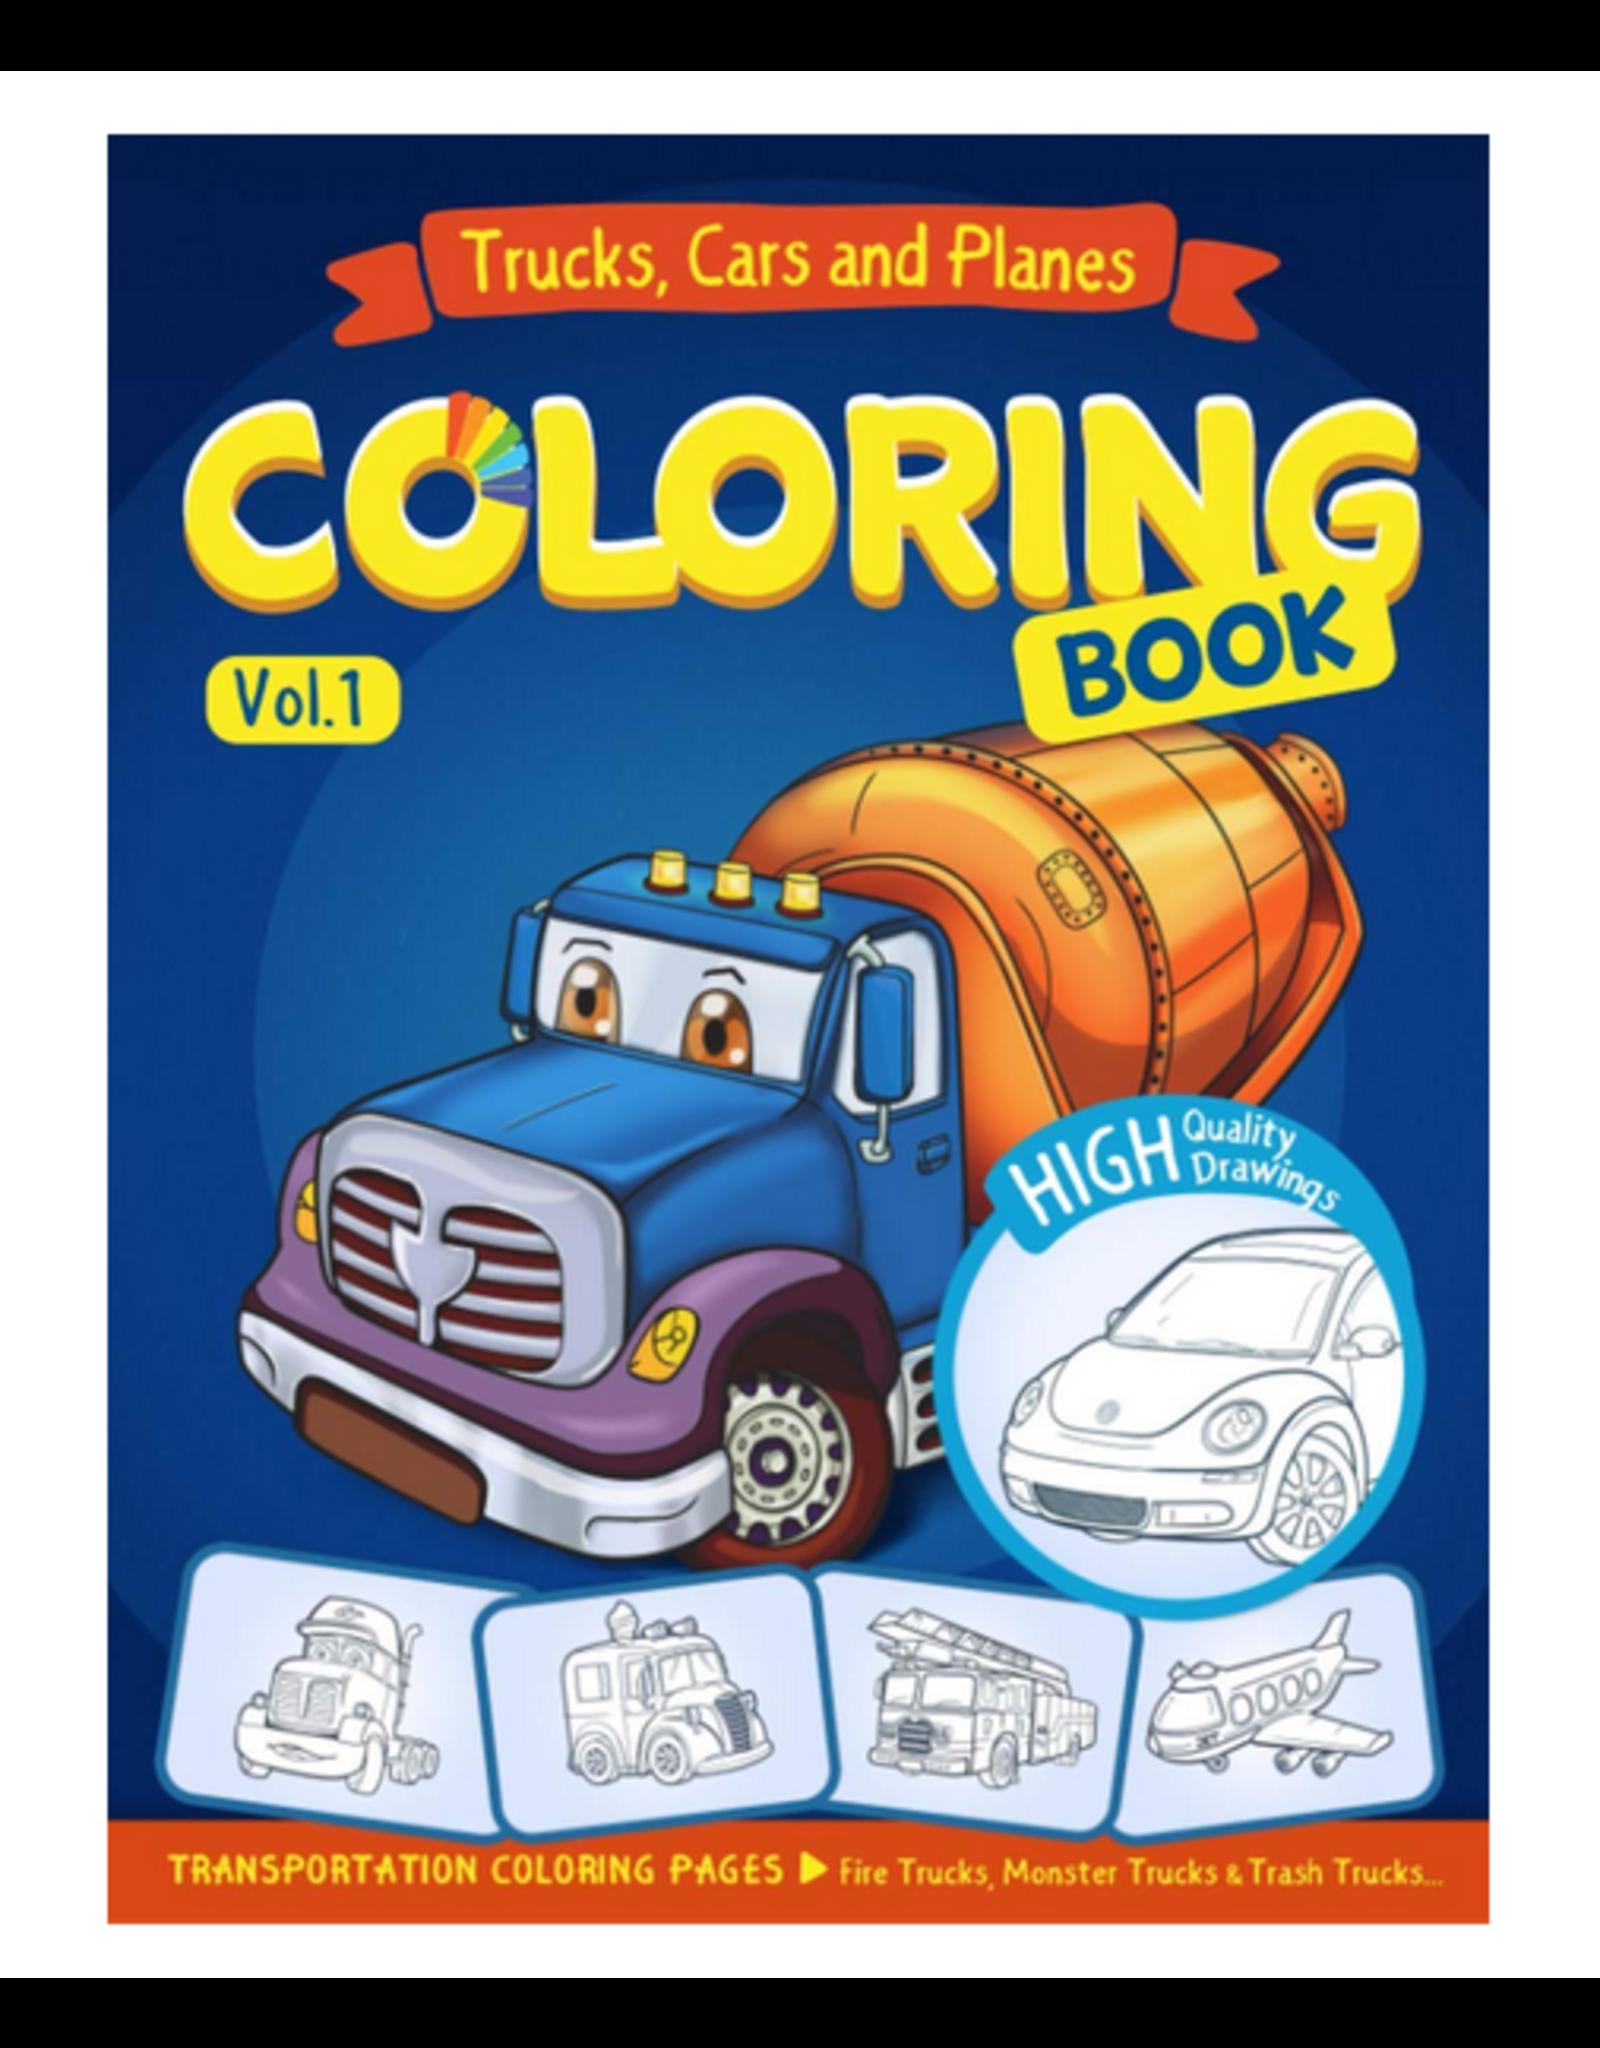 Ann Rainbow Colouring Book for Kids, Trucks, Cars & Planes Vol. 1